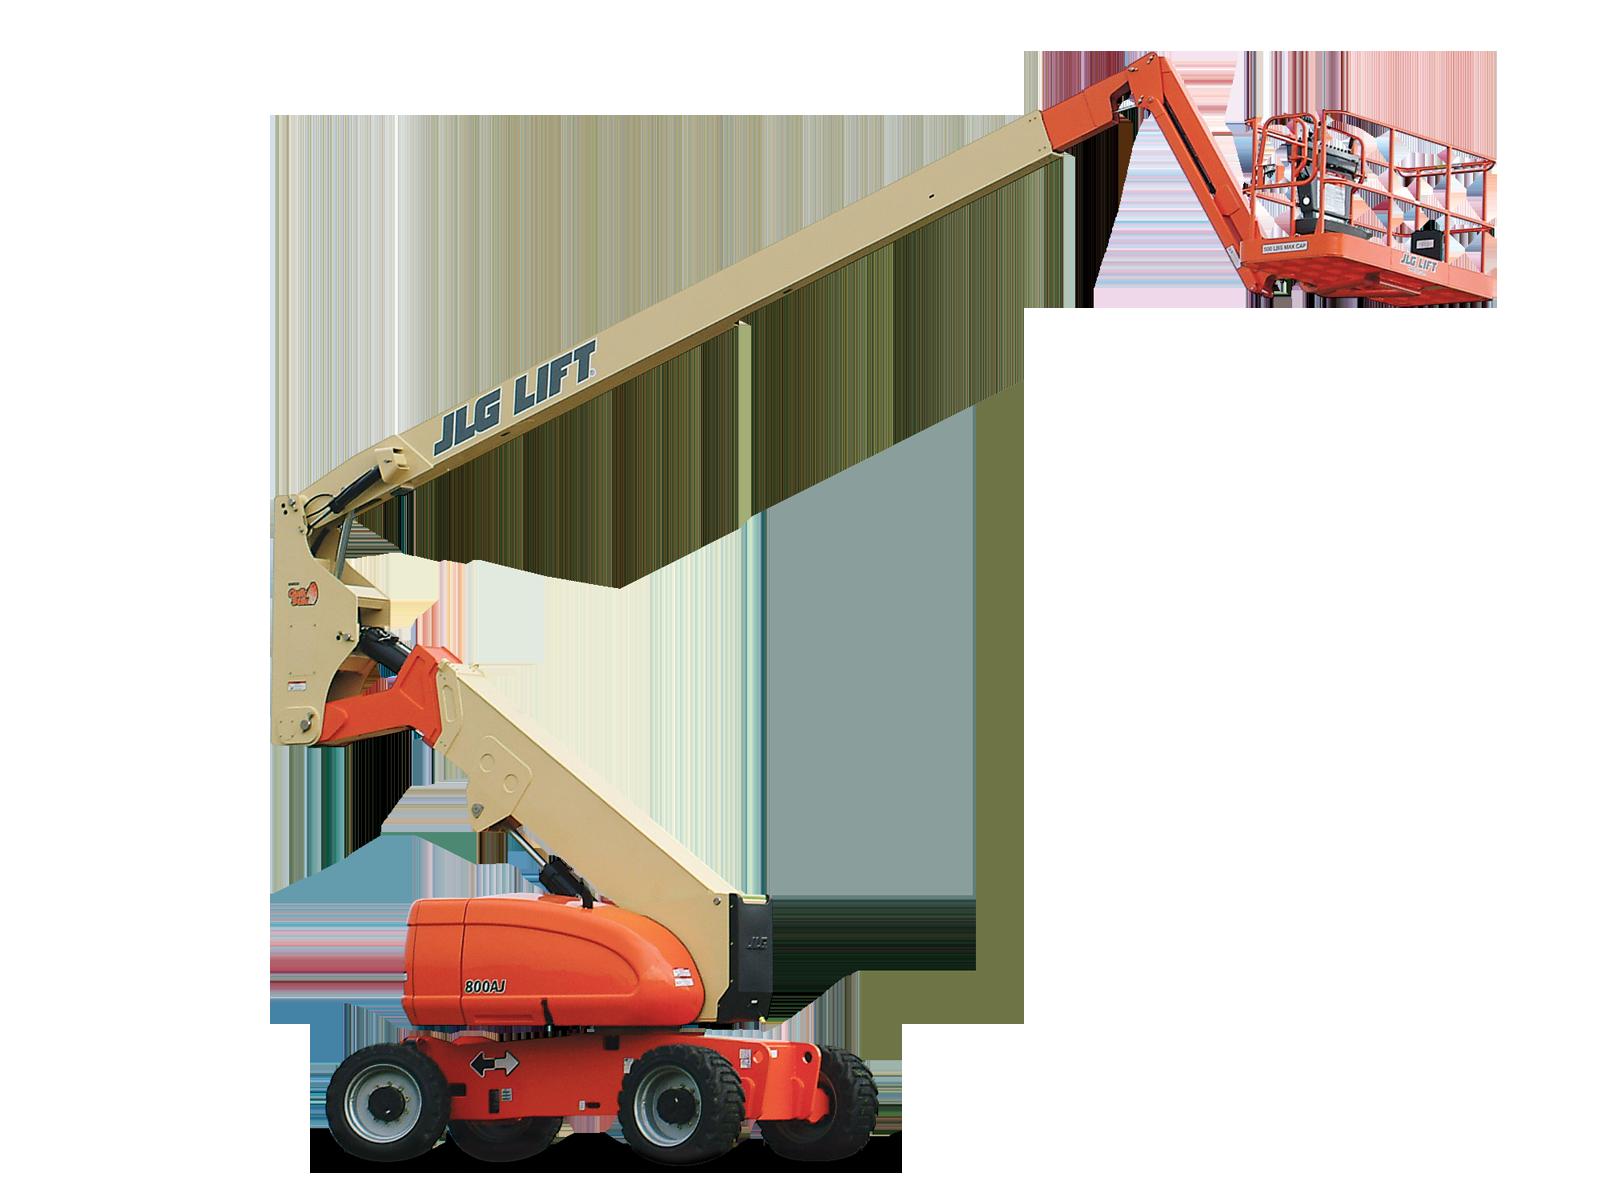 800AJ Boom Lift